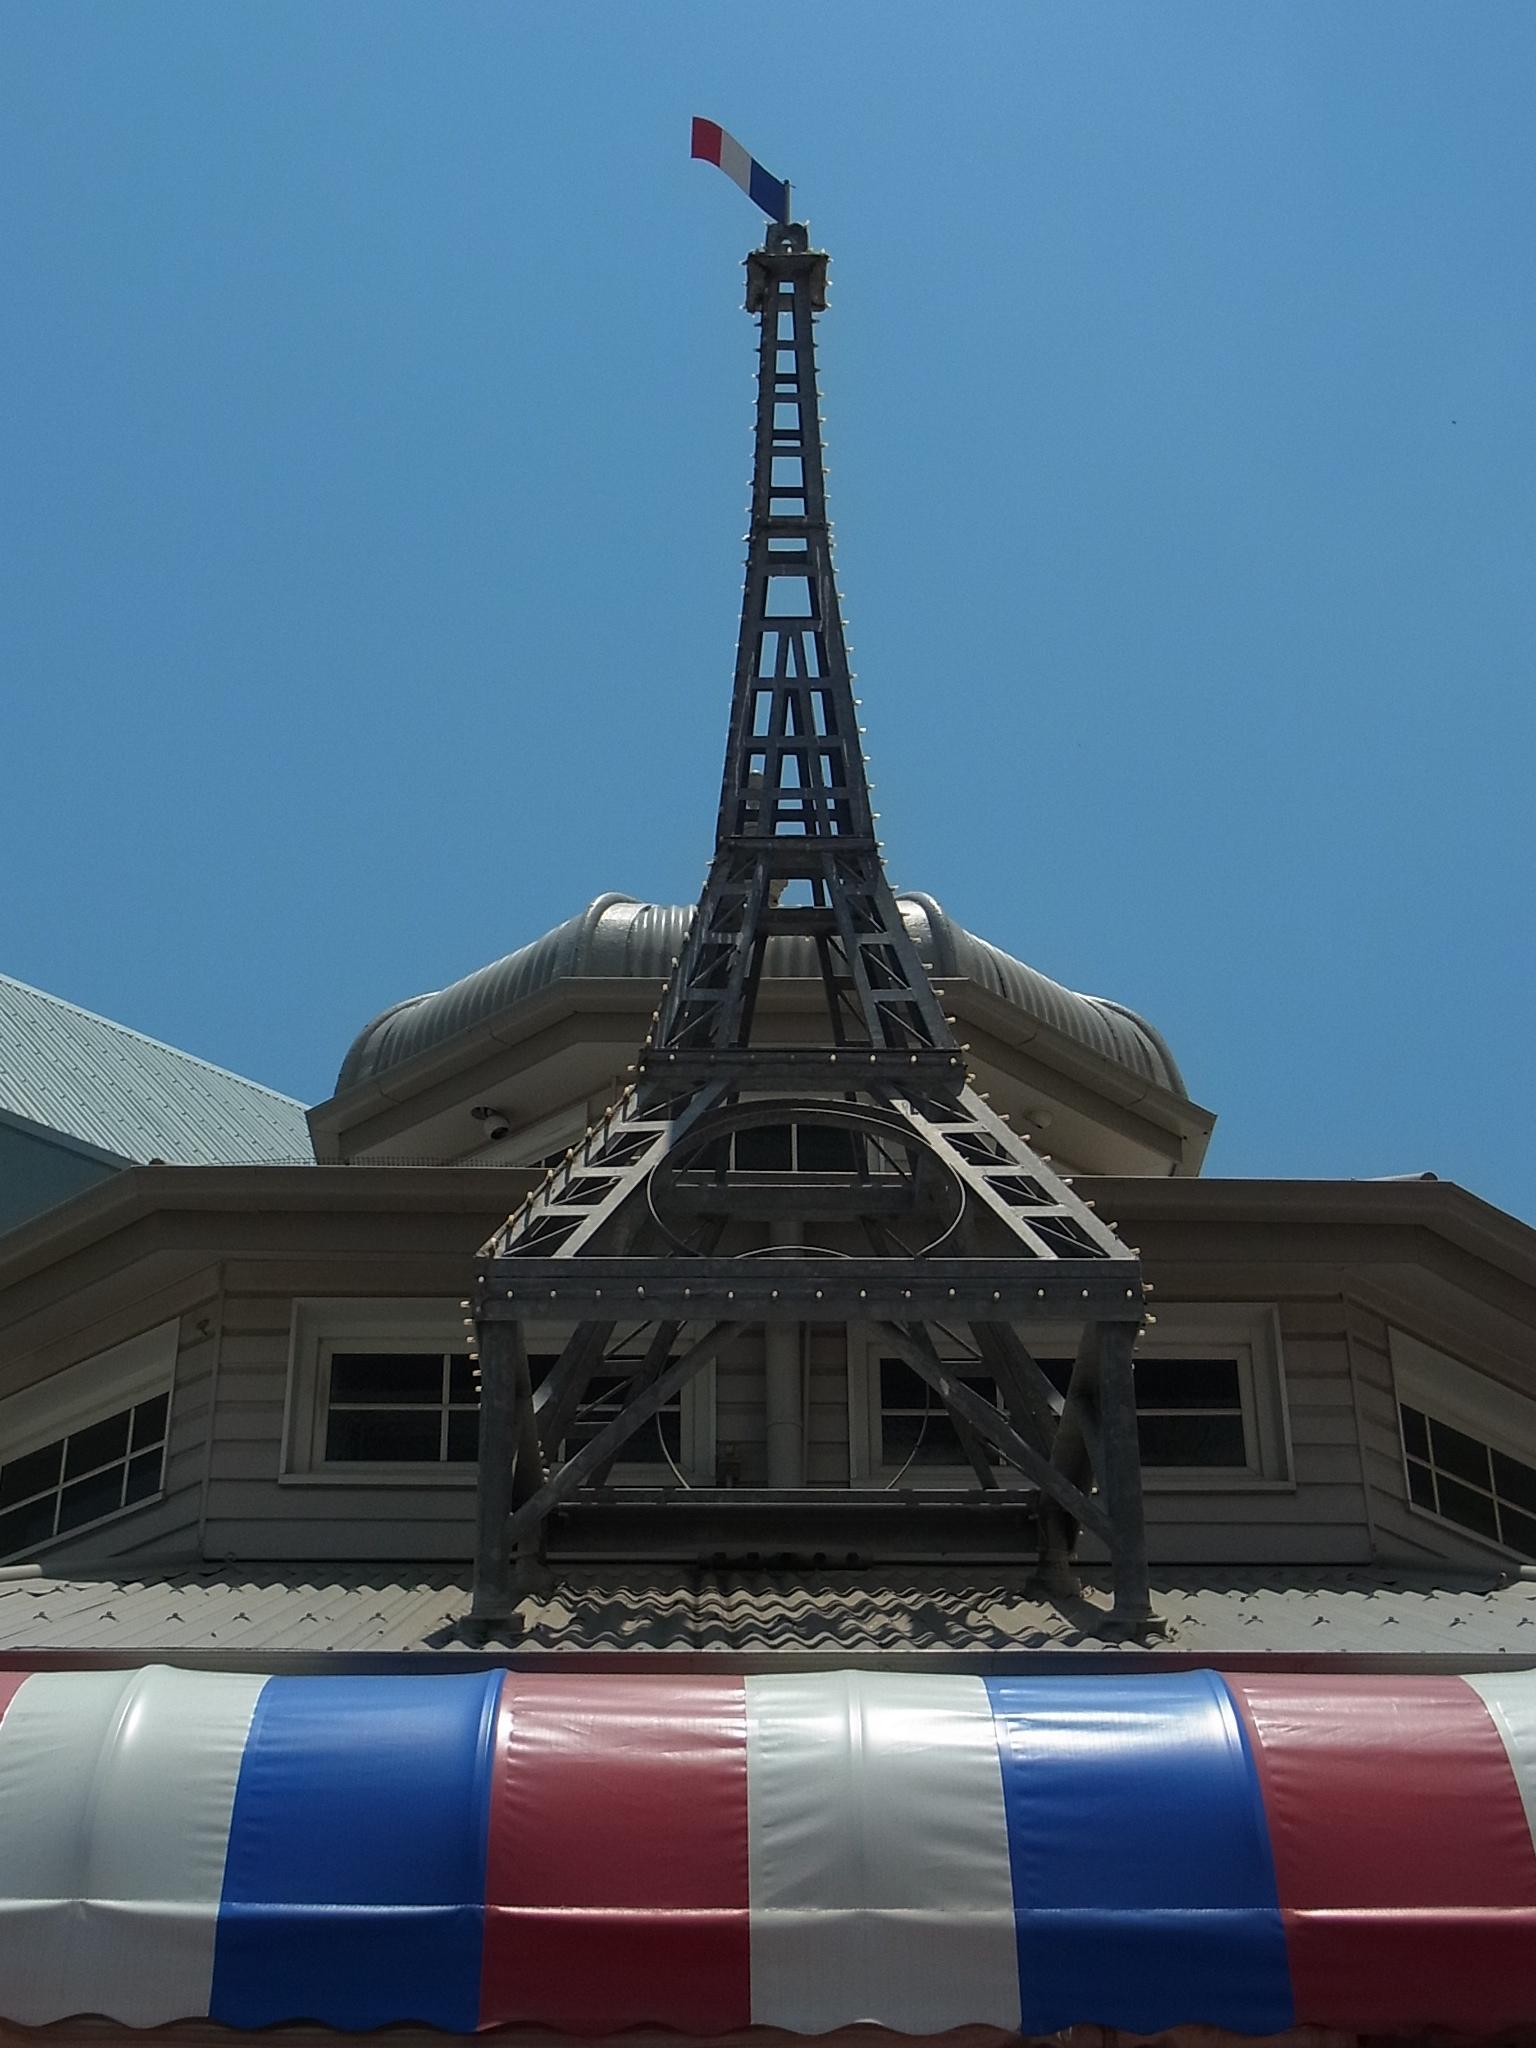 <p>お店の正面、屋根の上ににそびえるエッフェル塔が目印です!</p>